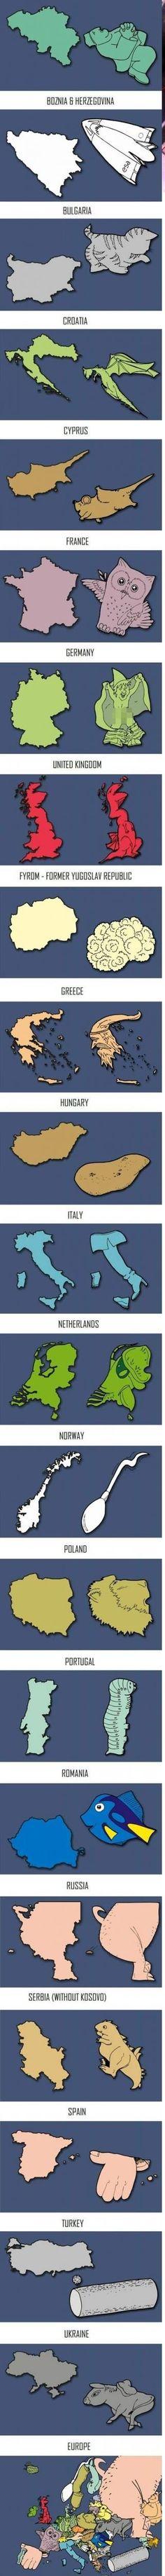 Europa als Symbole